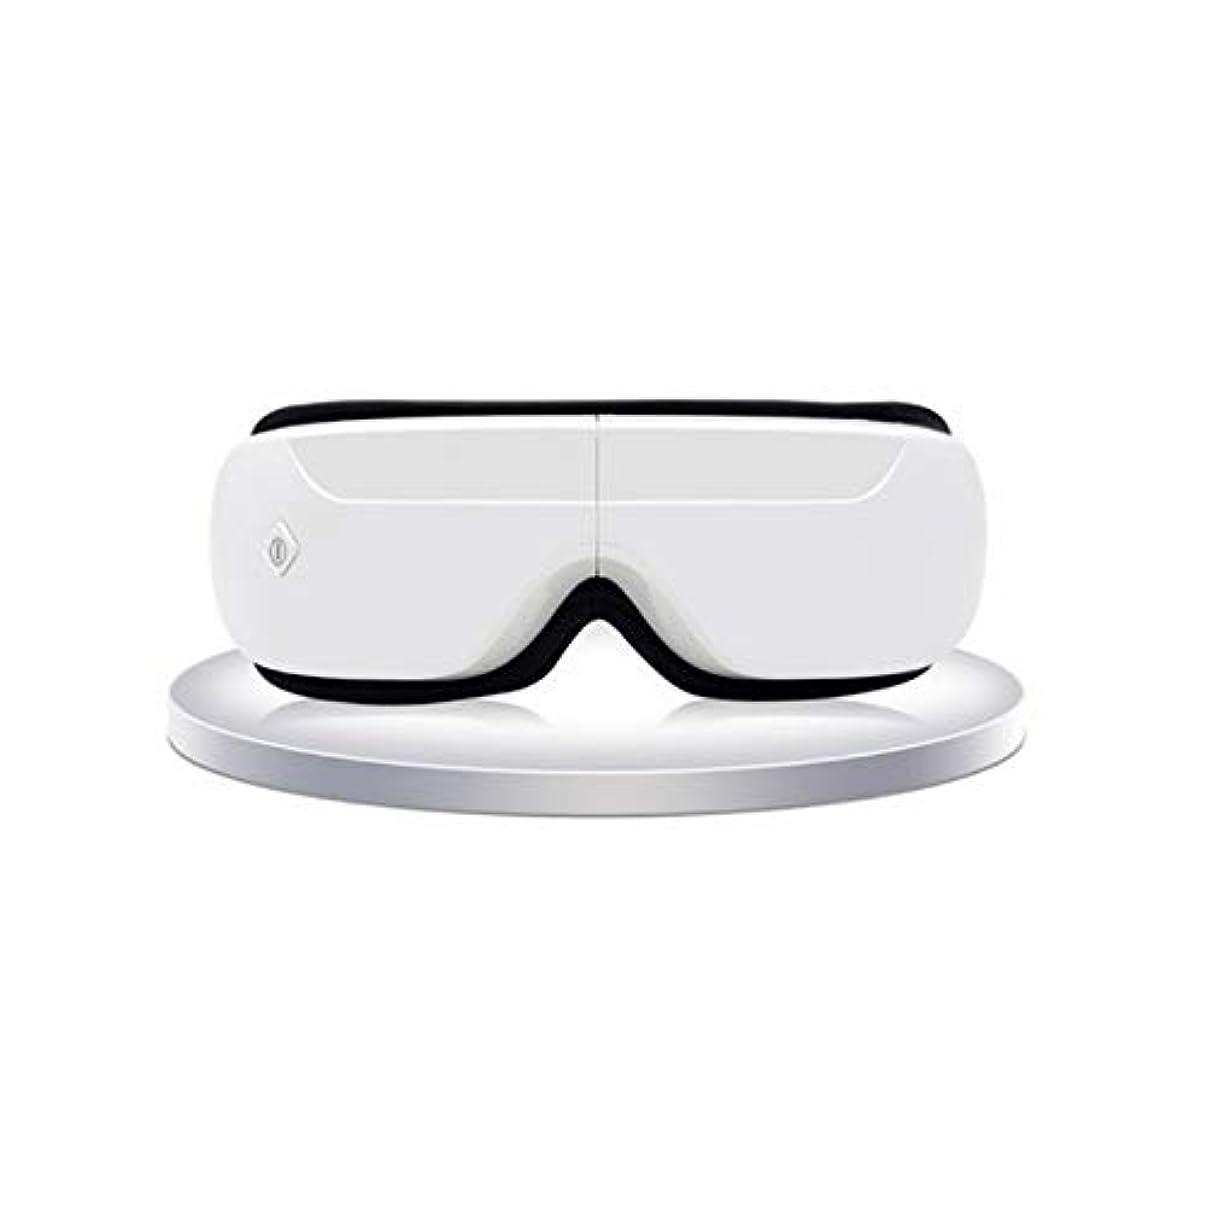 コマンドフィルタ悪行マッサージ器 - 熱を緩和するアイケア機器アイマスク疲労マッサージ器 (色 : 白)